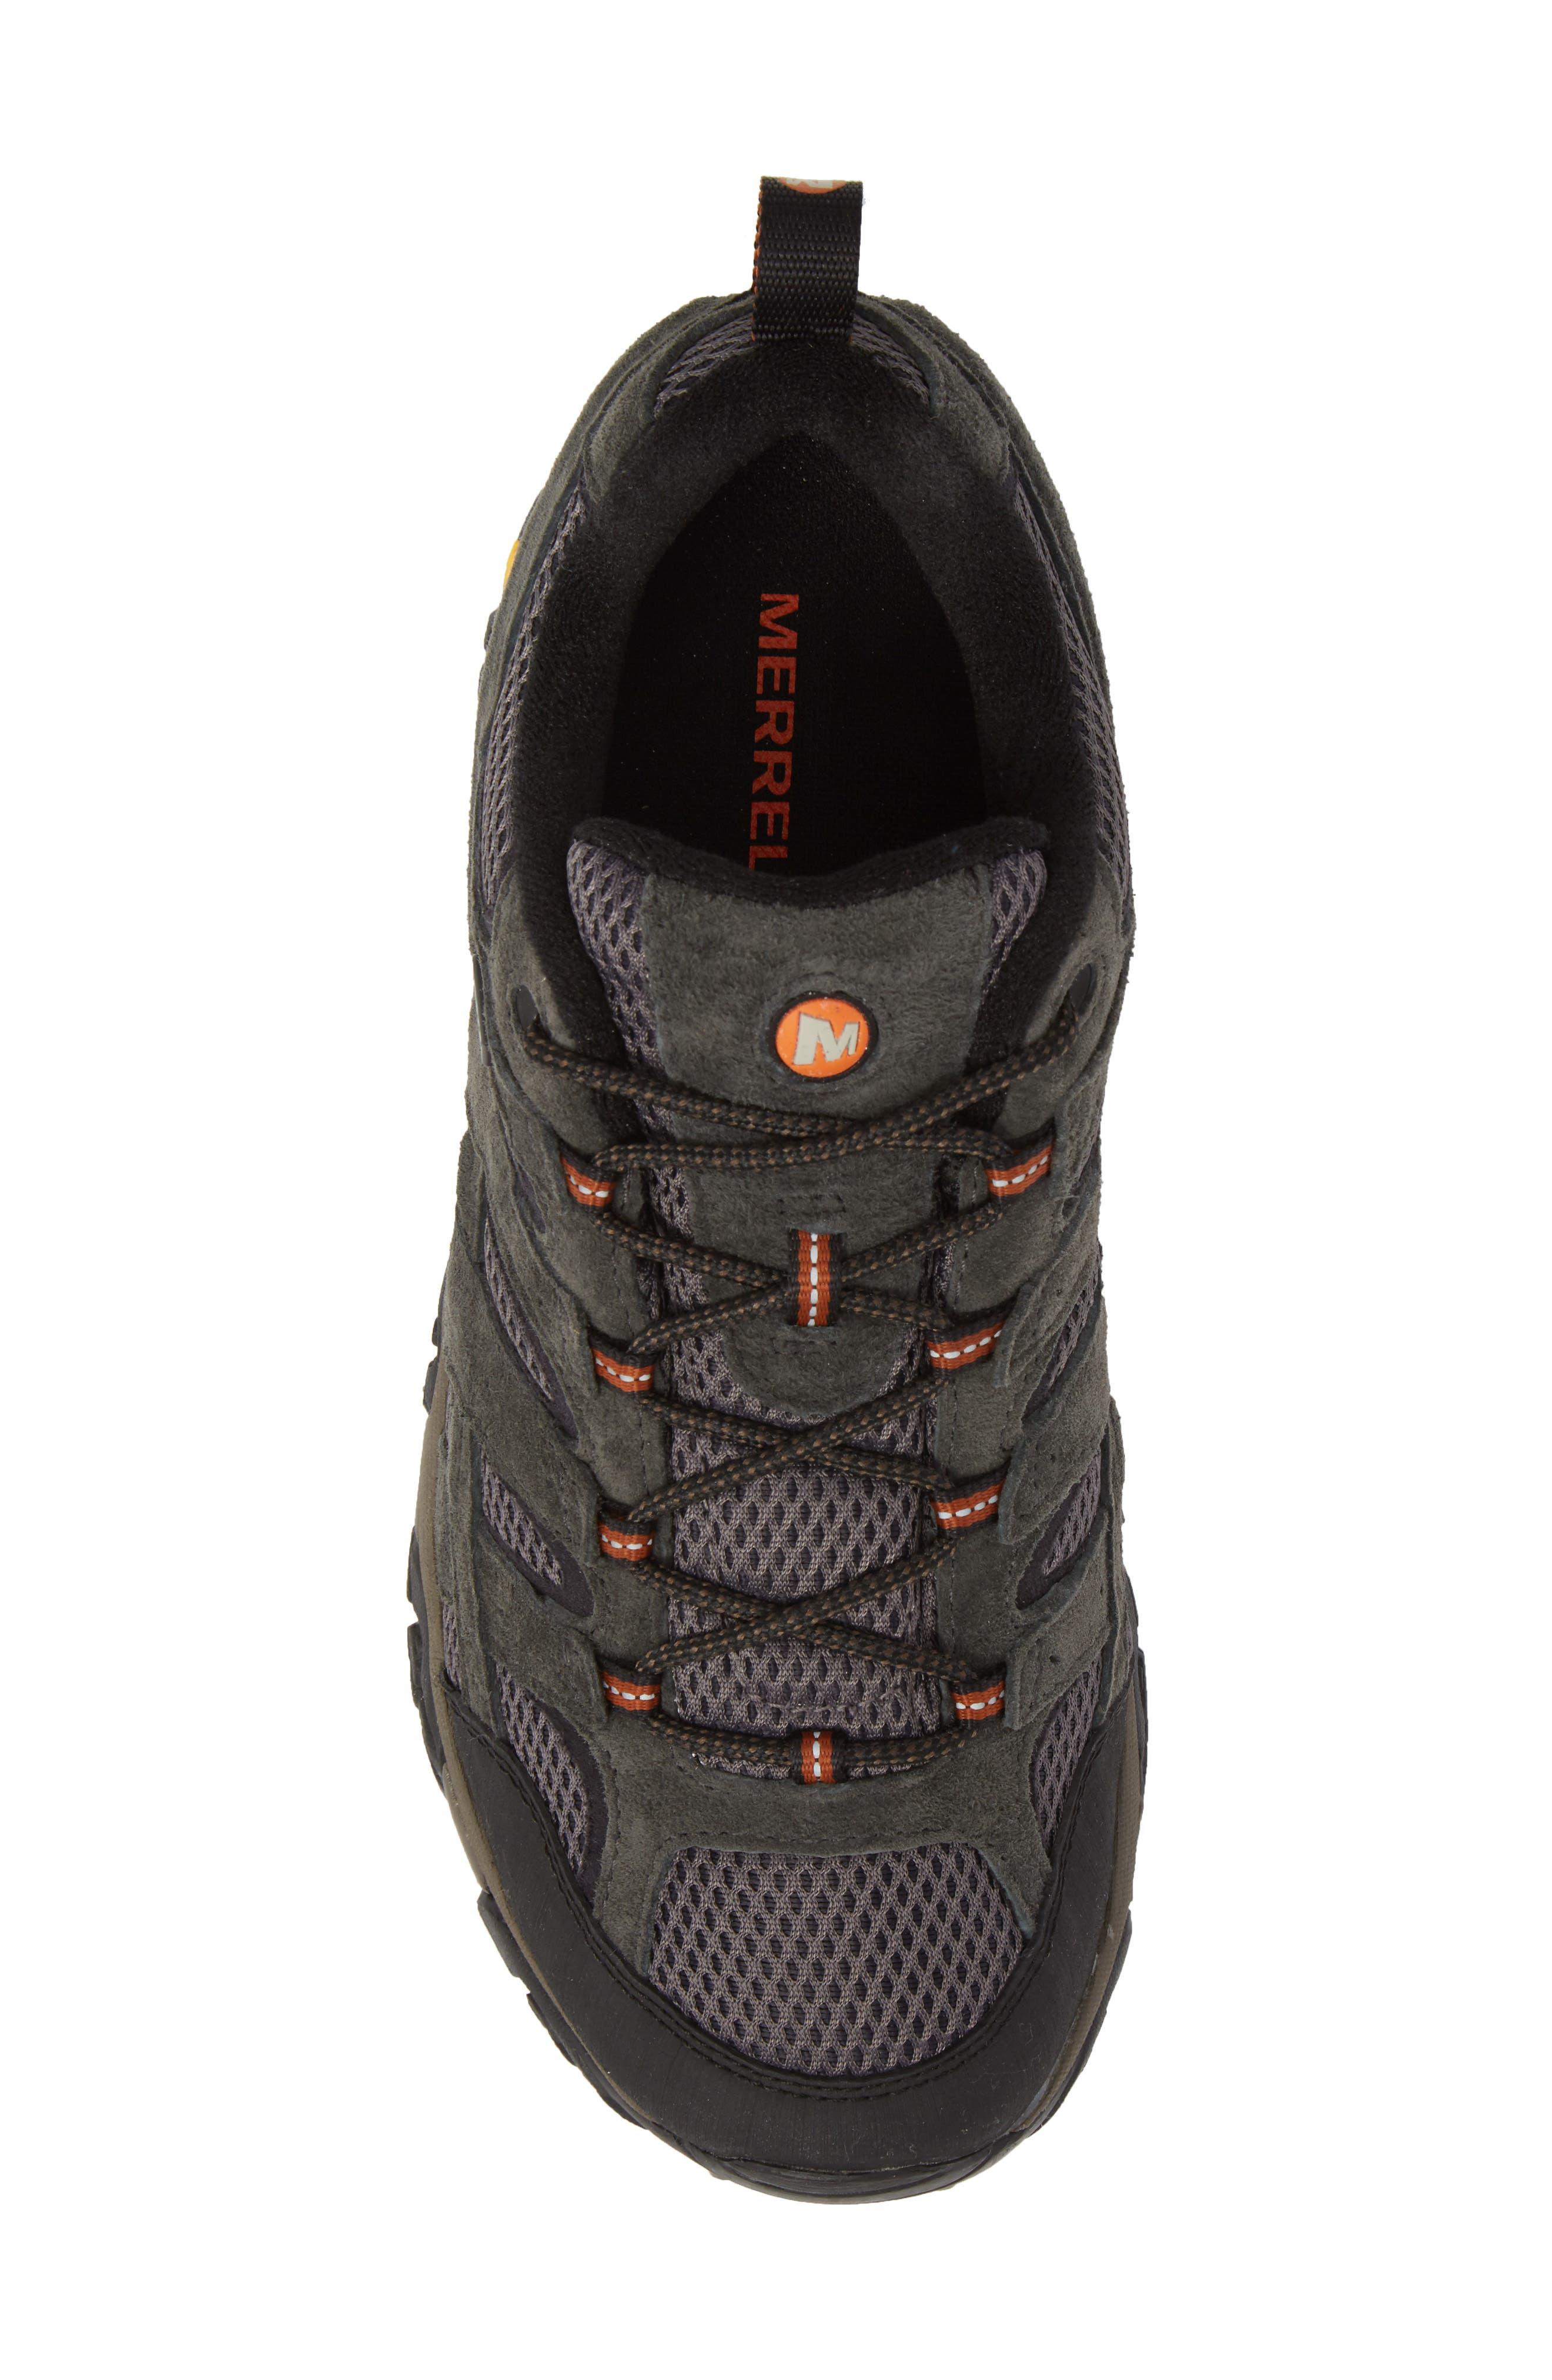 Moab 2 Waterproof HIking Shoe,                             Alternate thumbnail 5, color,                             BELUGA/ BELUGA